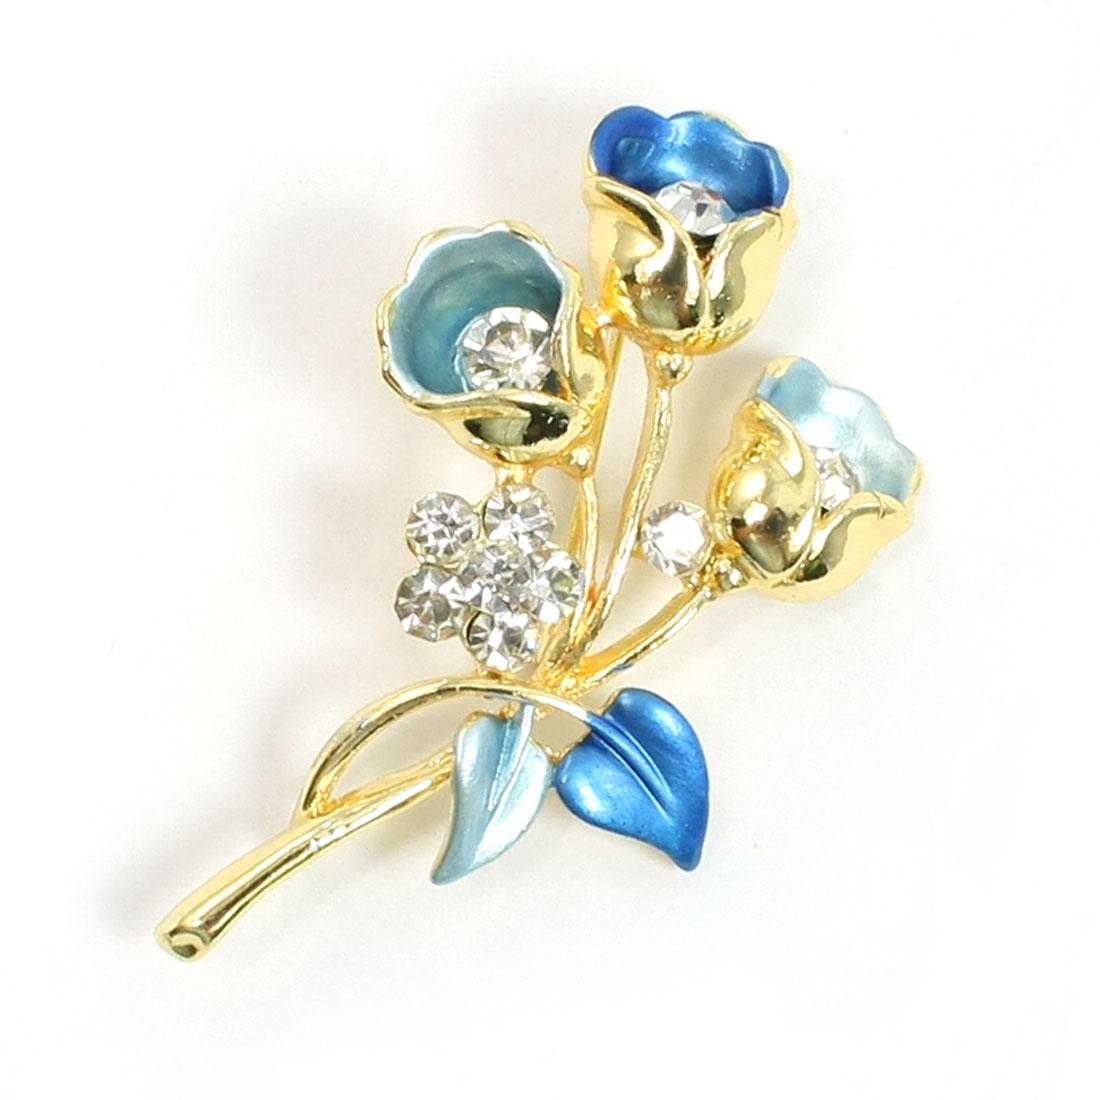 Woman Lady Glittery Rhinestone Inlaid Flower Royal Blue Leaf Metal Brooch